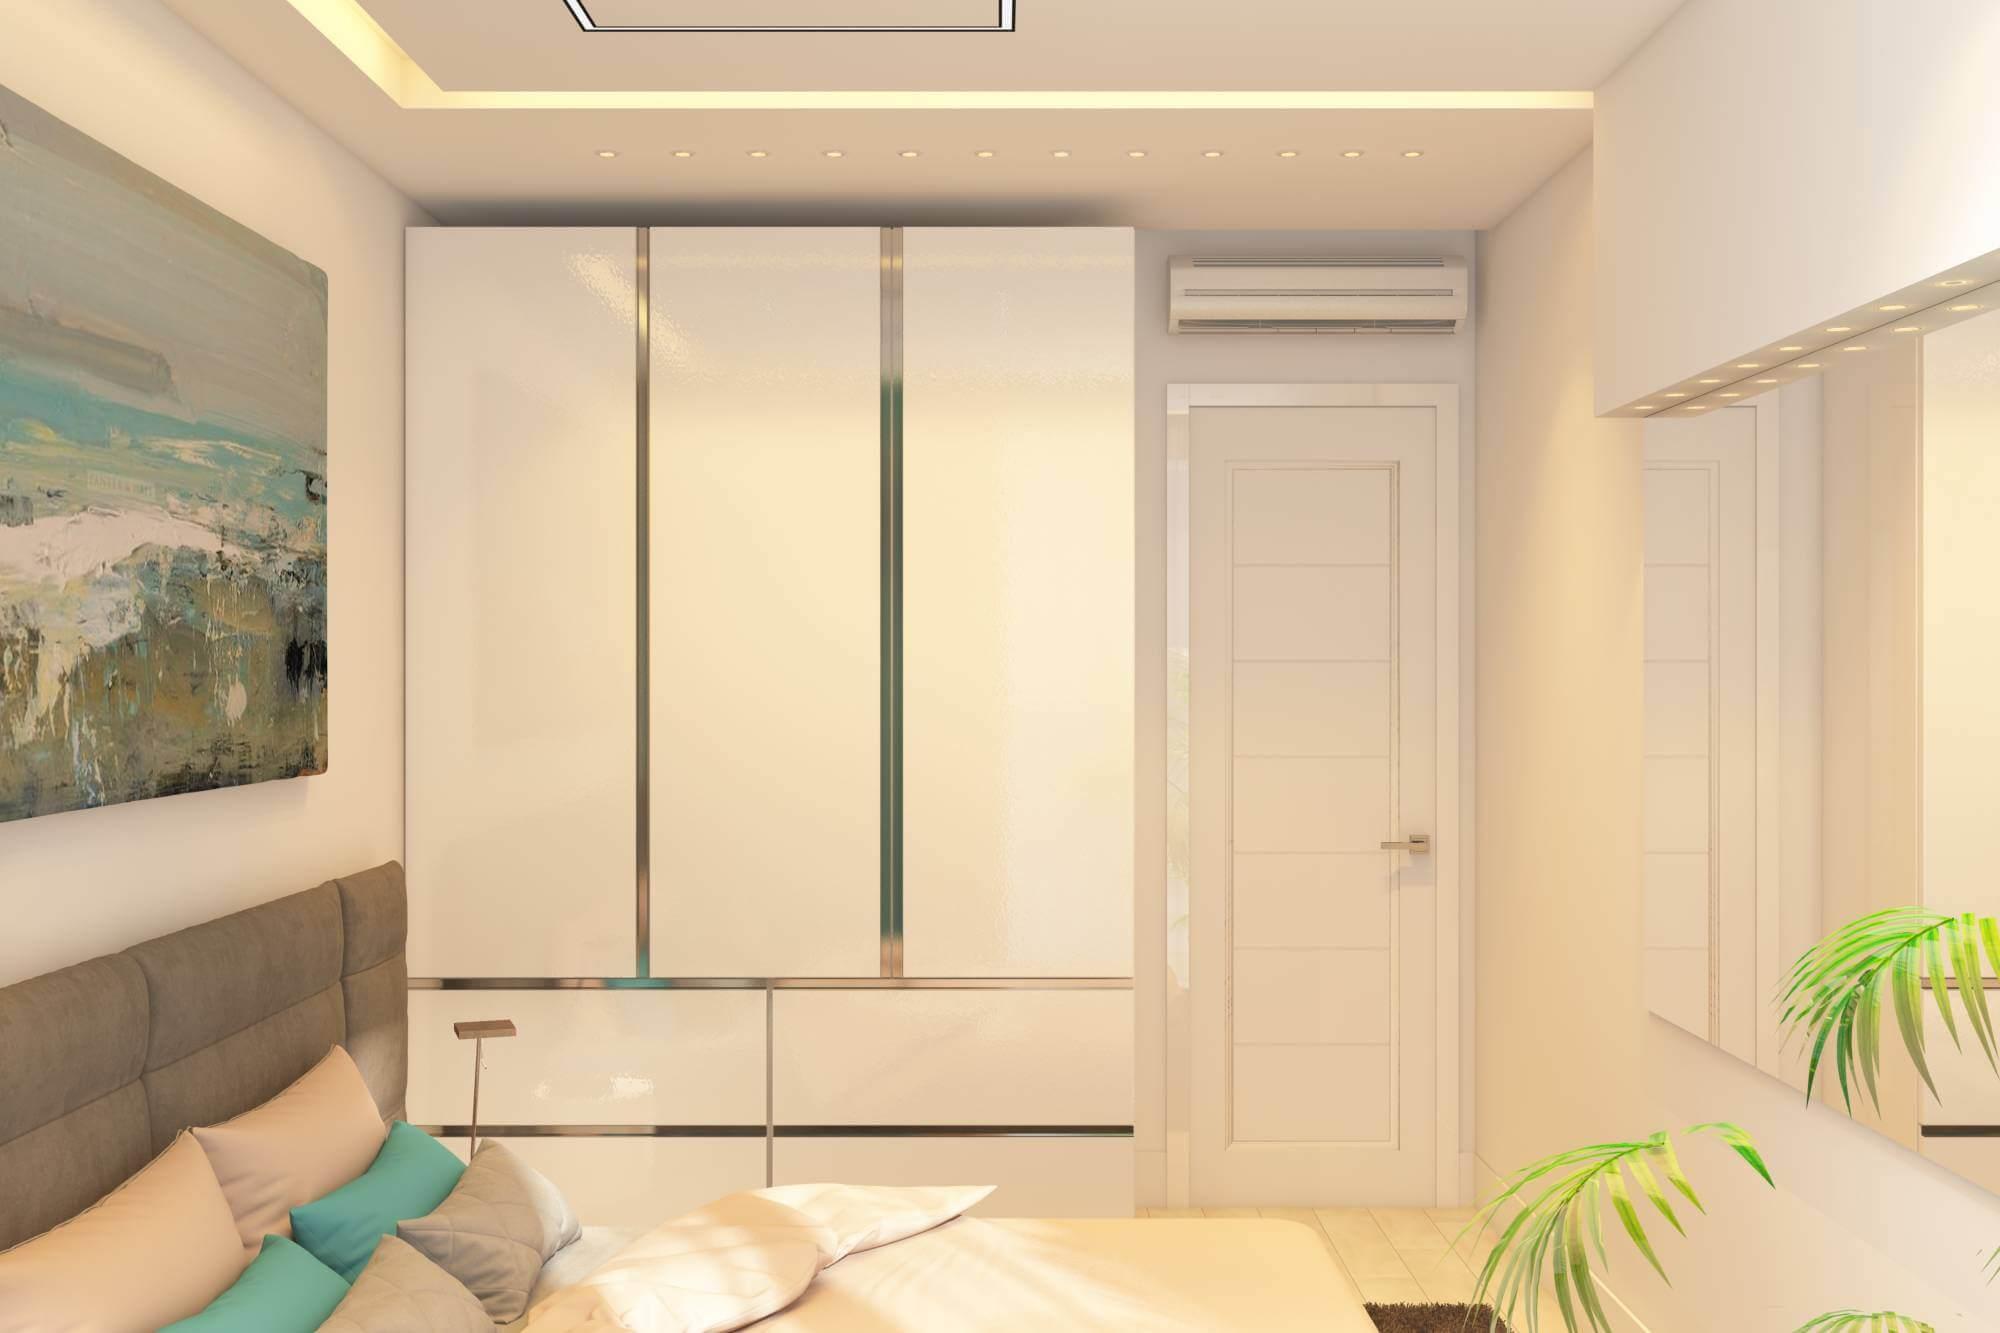 интерьер спальни в стиле современный минимализм